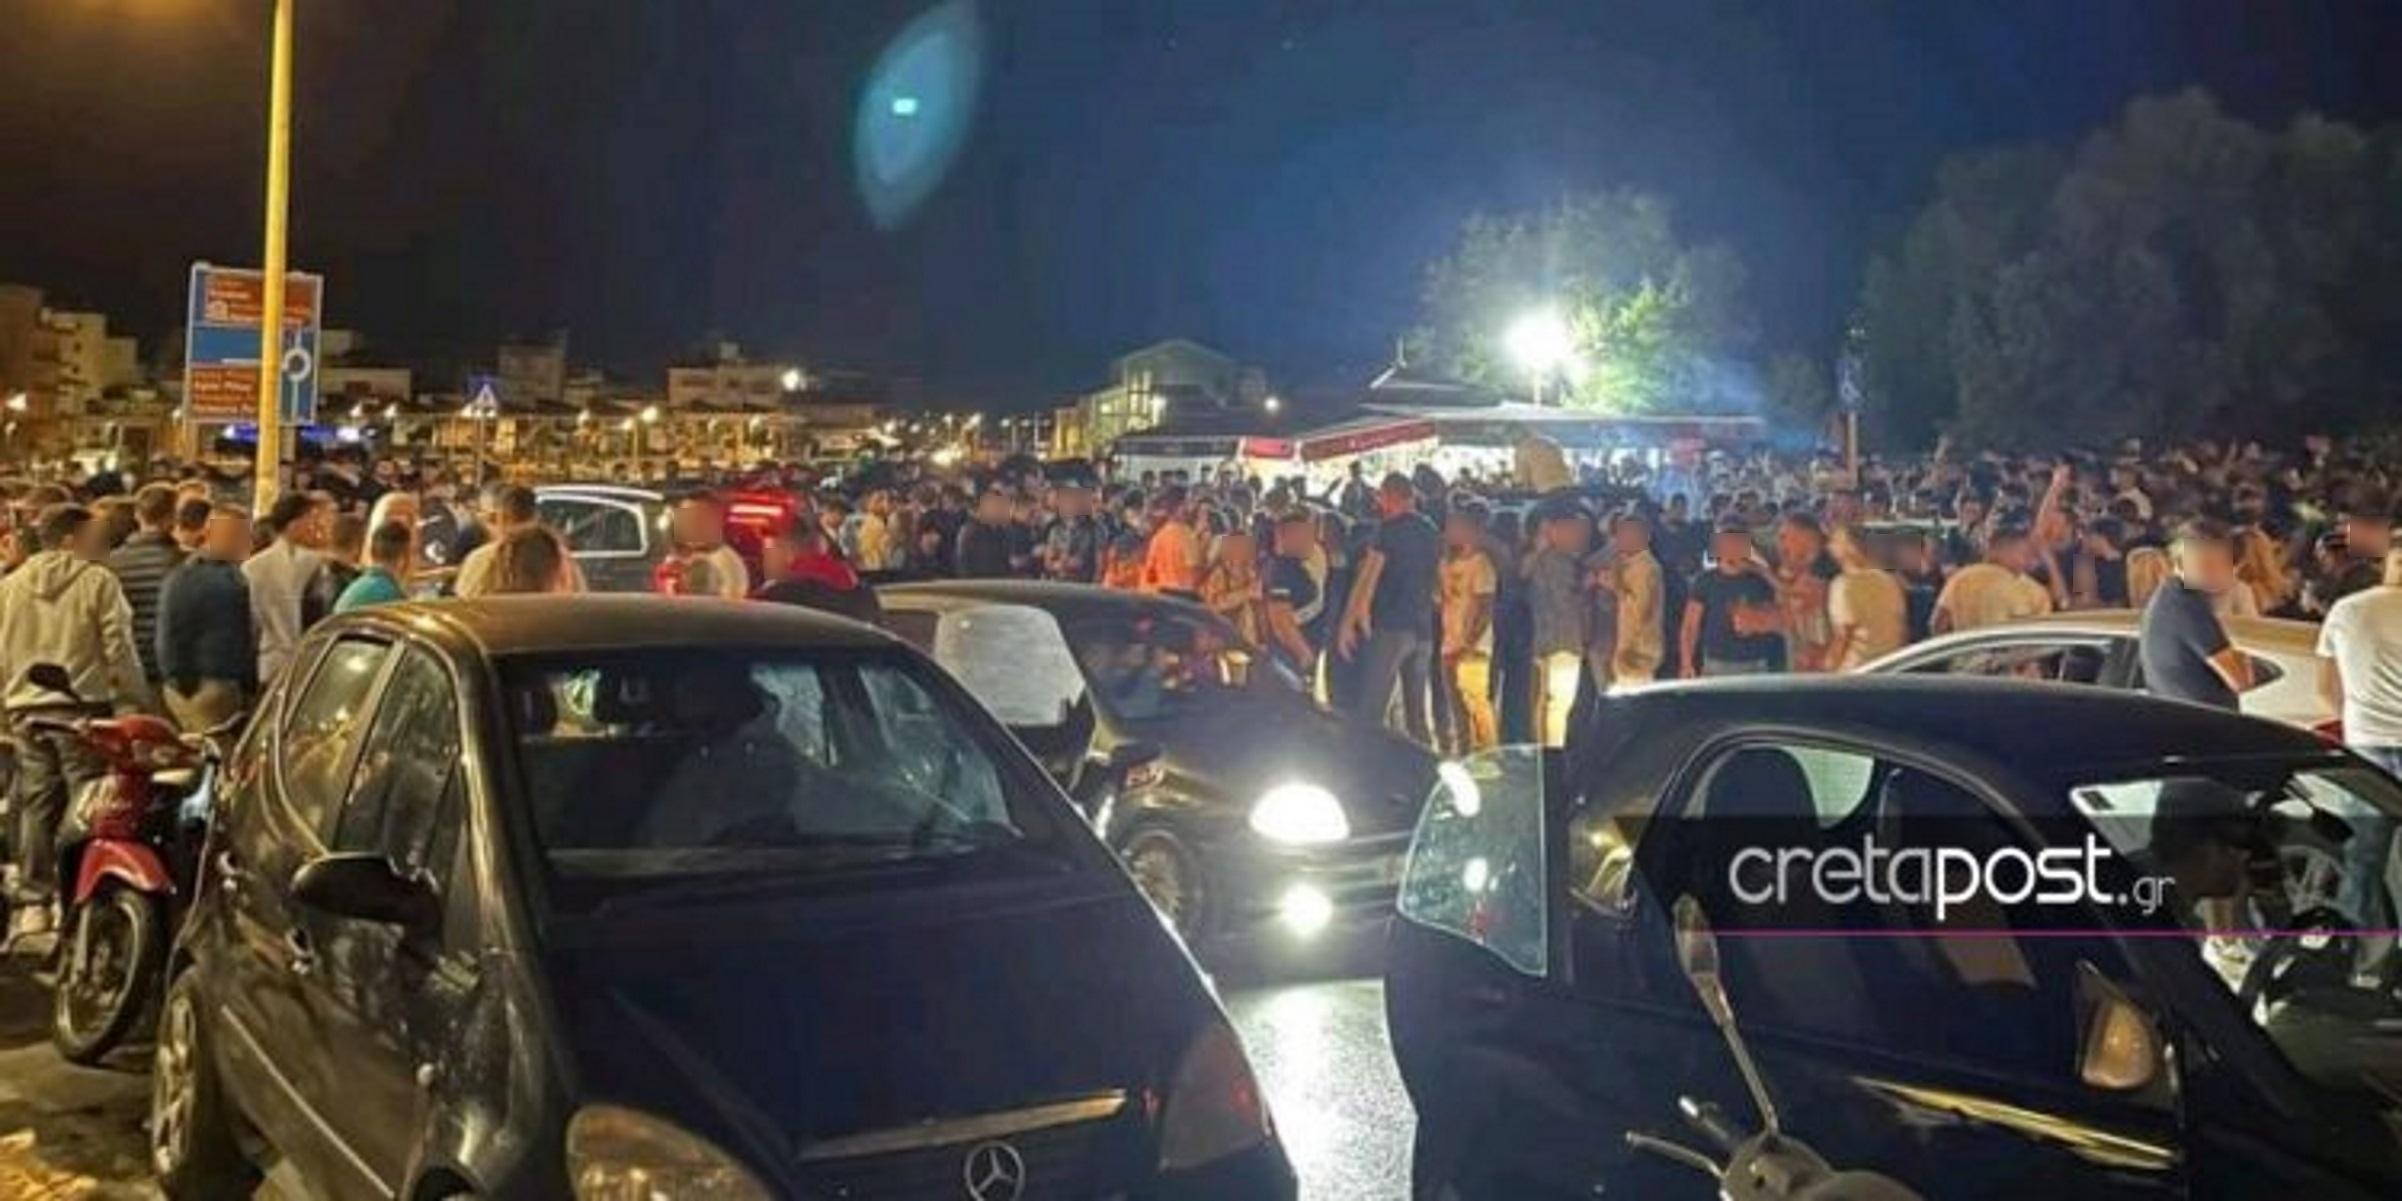 Ηράκλειο: «Τρελό» κορονοπάρτι στην παραλιακή – «Έχουμε χάσει τον ύπνο μας» (video)